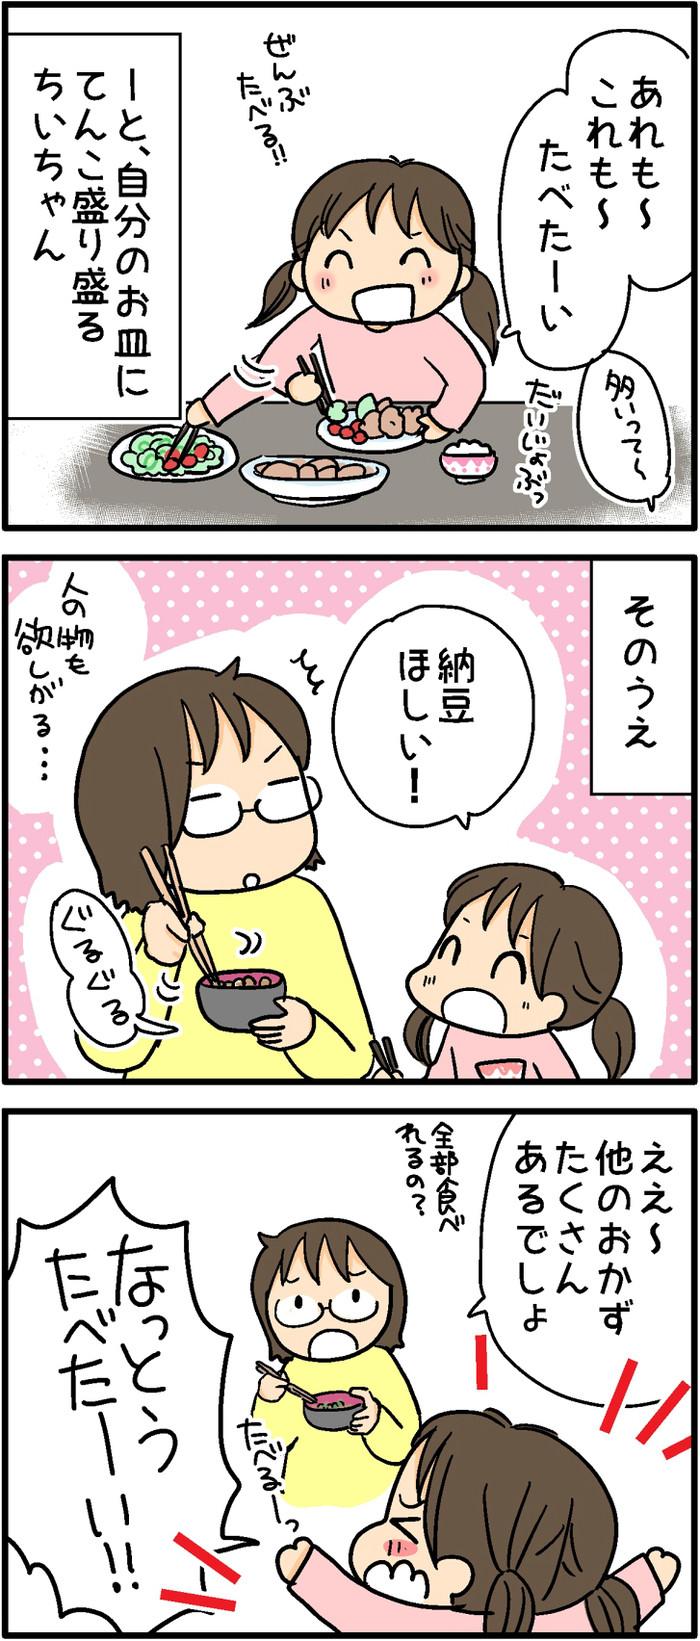 【子育てあるある】あれもこれも食べたい娘。たくさんお皿にとった結果…の画像1